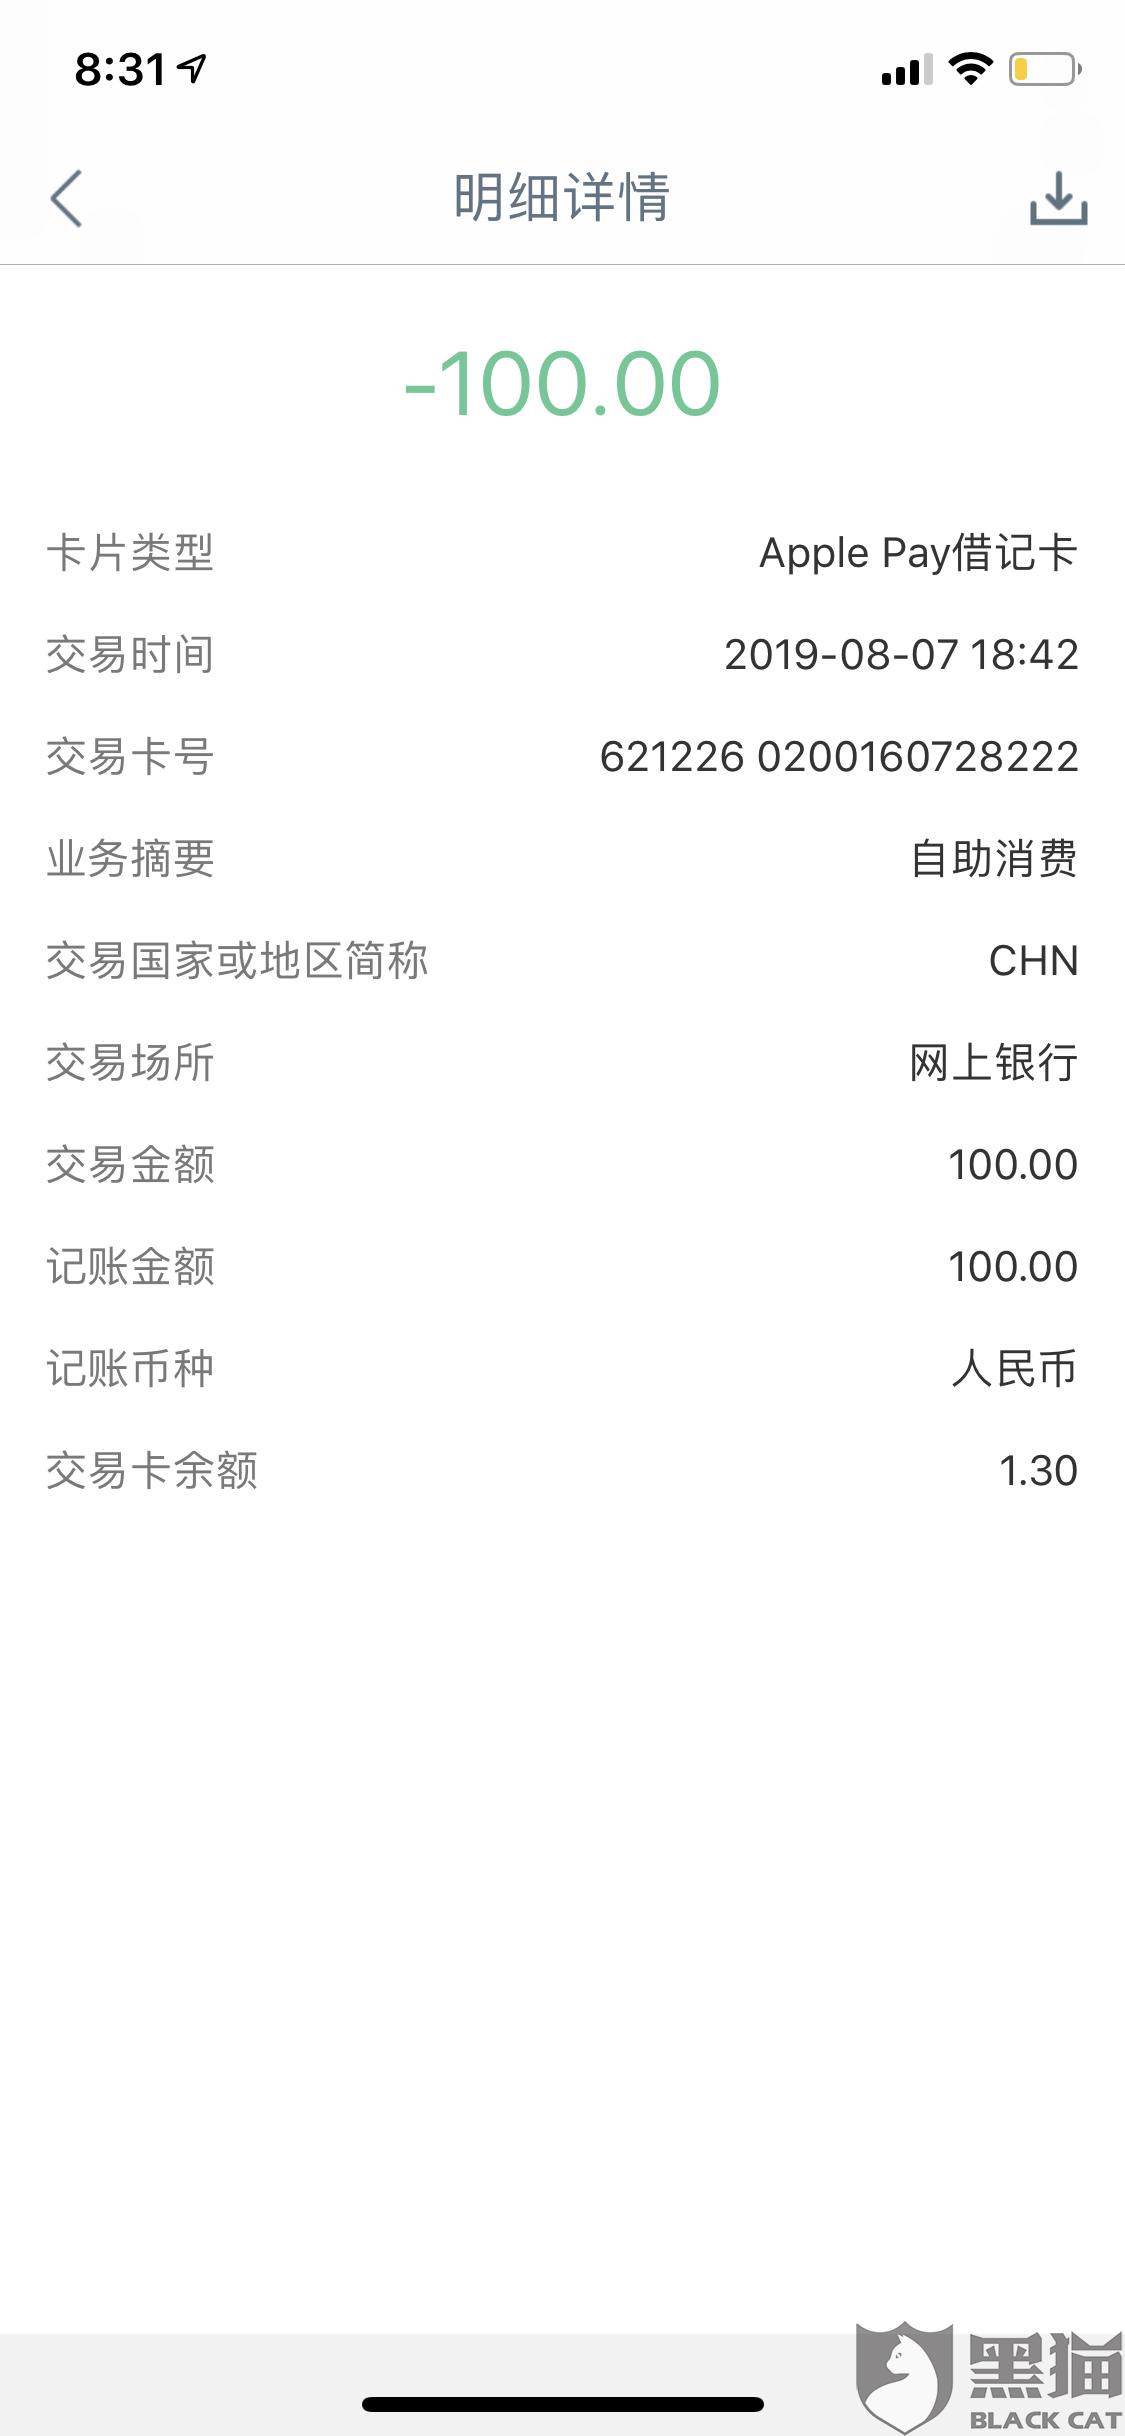 黑猫投诉:我充值公交卡用Apple pay充值不到账已经扣款了但是没到账